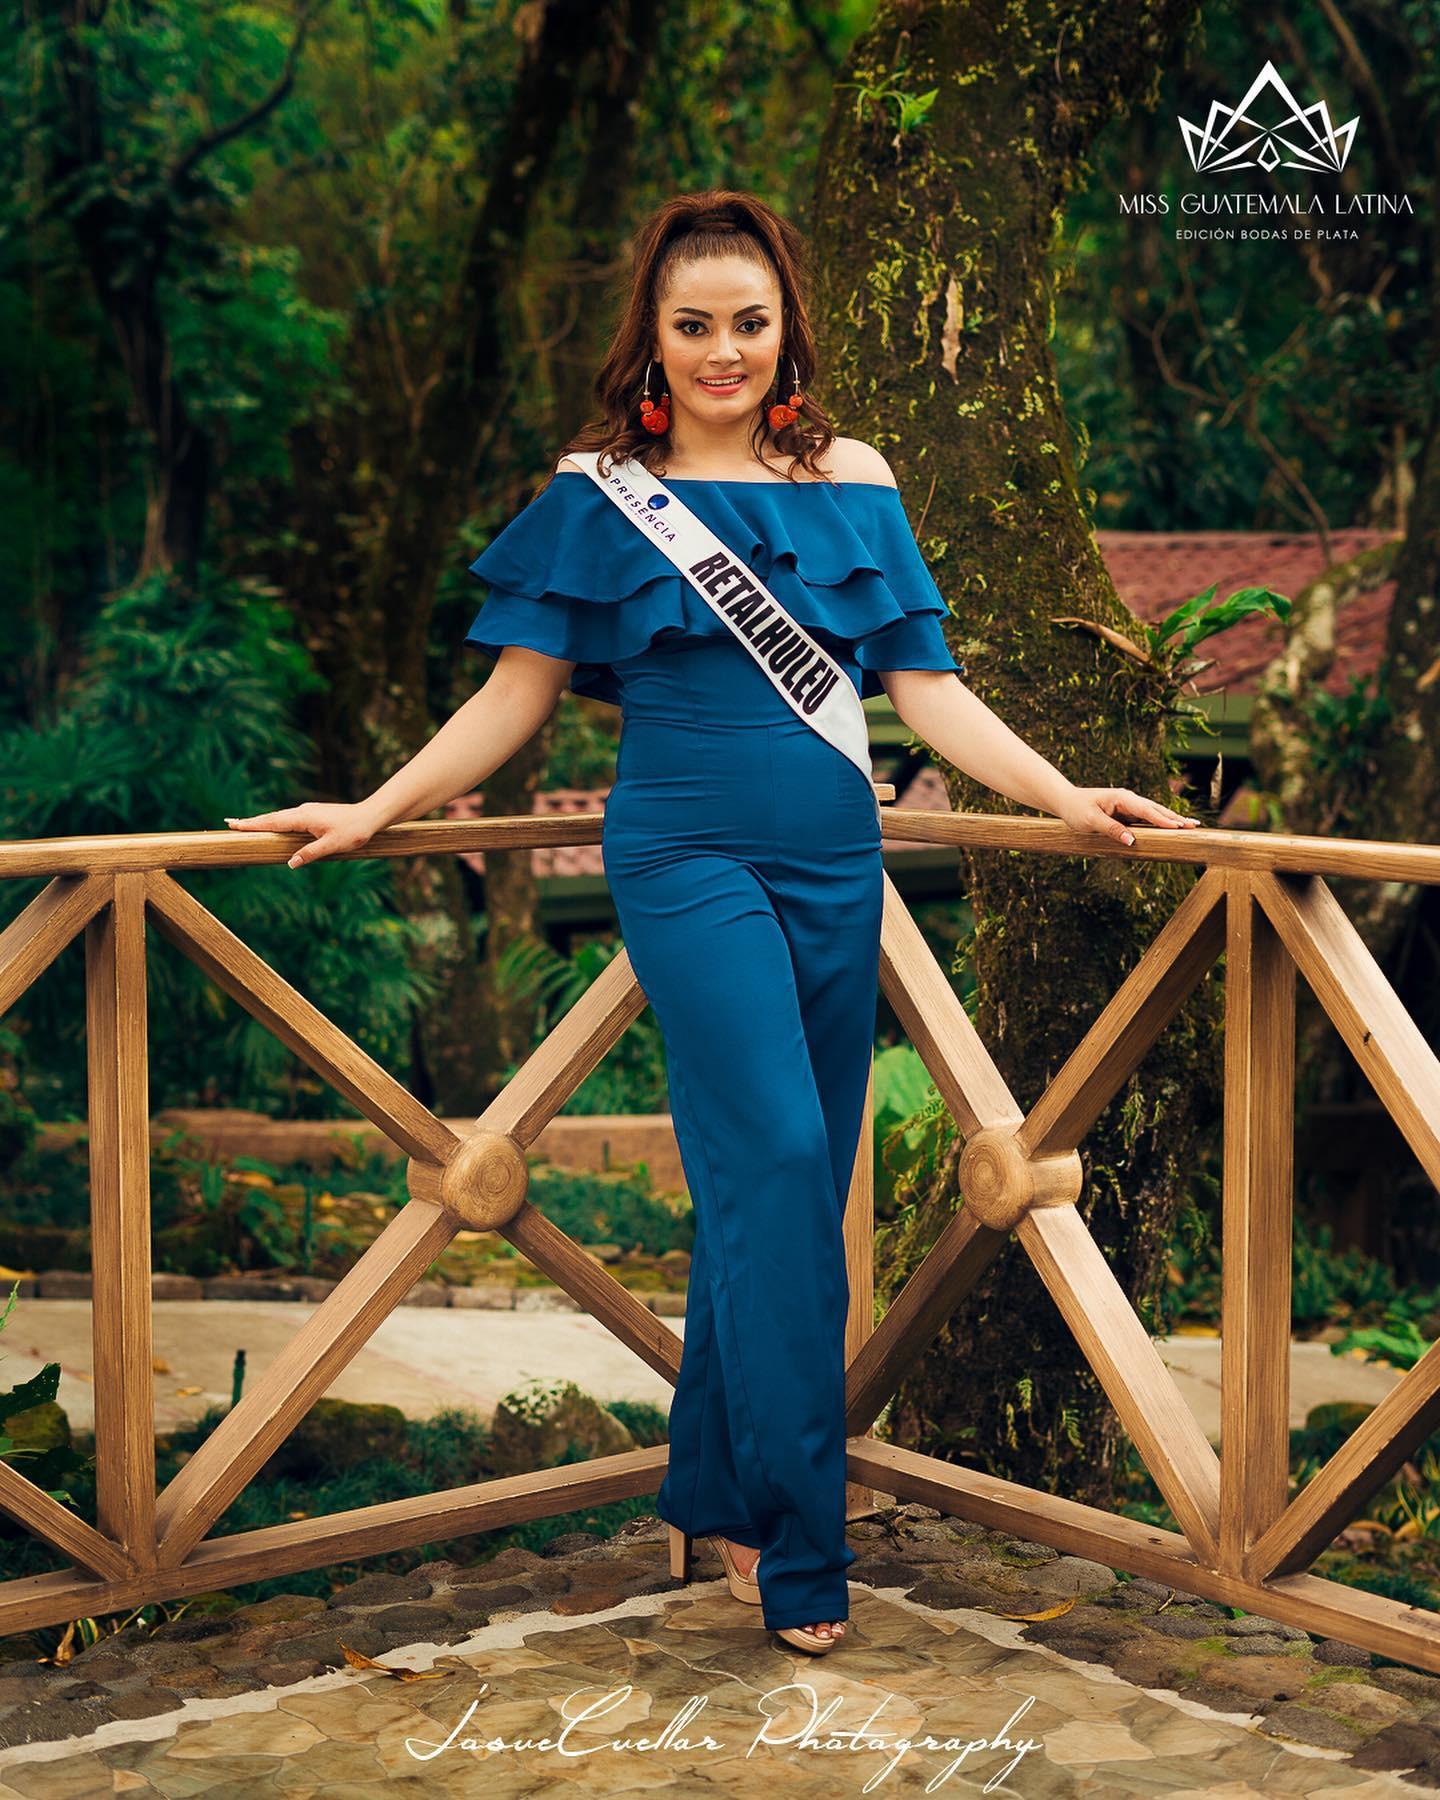 candidatas a miss guatemala latina 2021. final: 30 de abril. - Página 10 BFwsBR